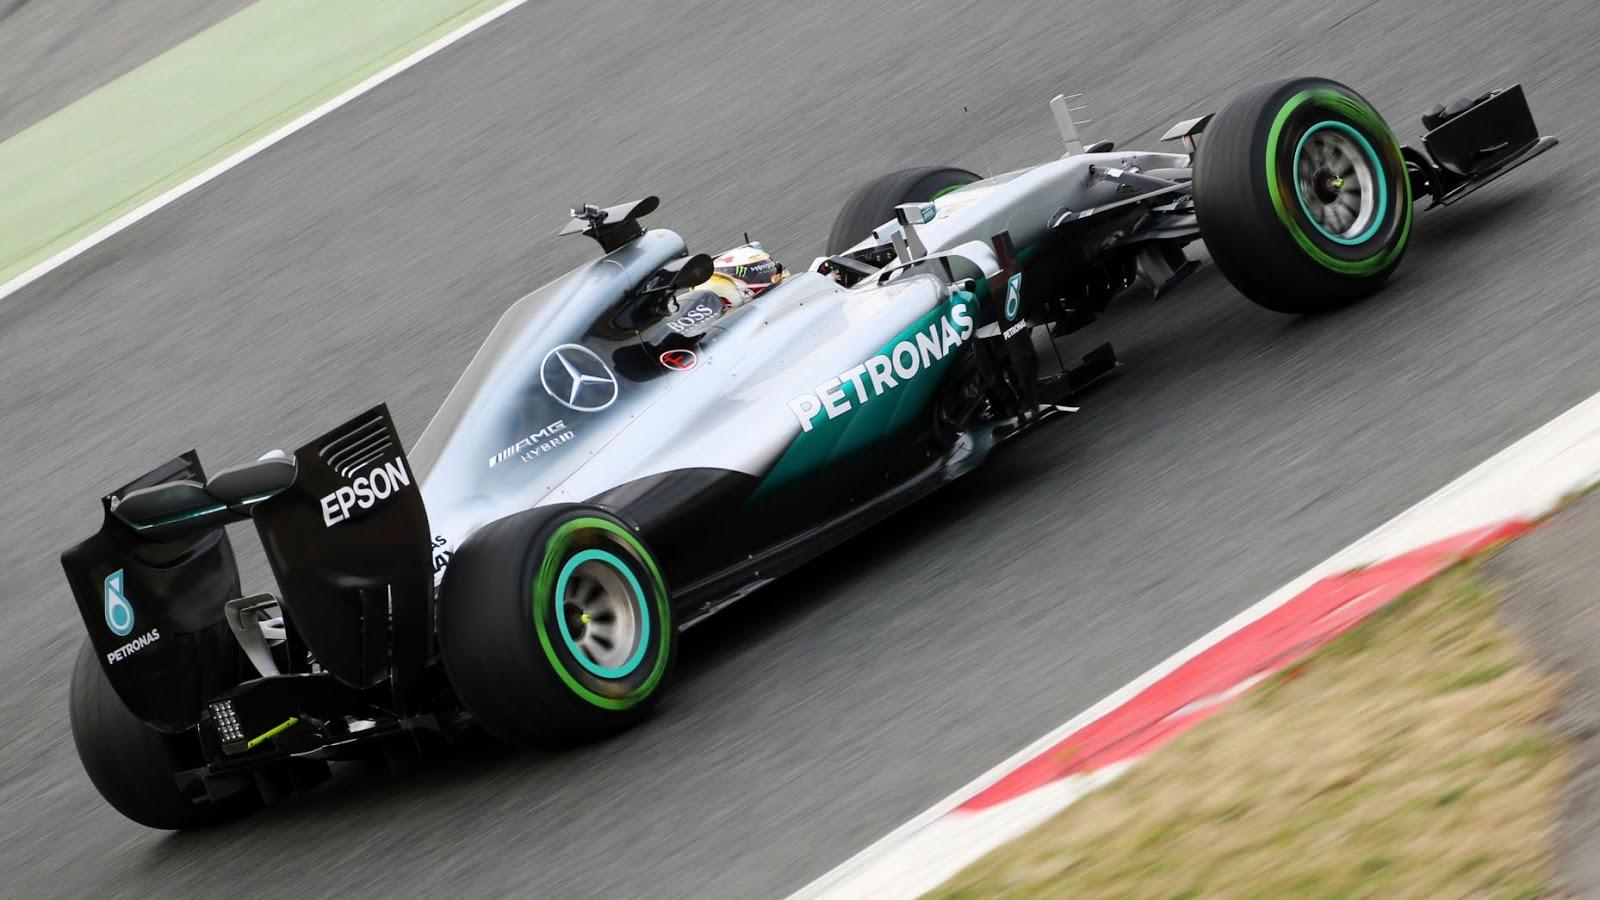 Mercedes AMG Petronas – W07 Hybrid F1